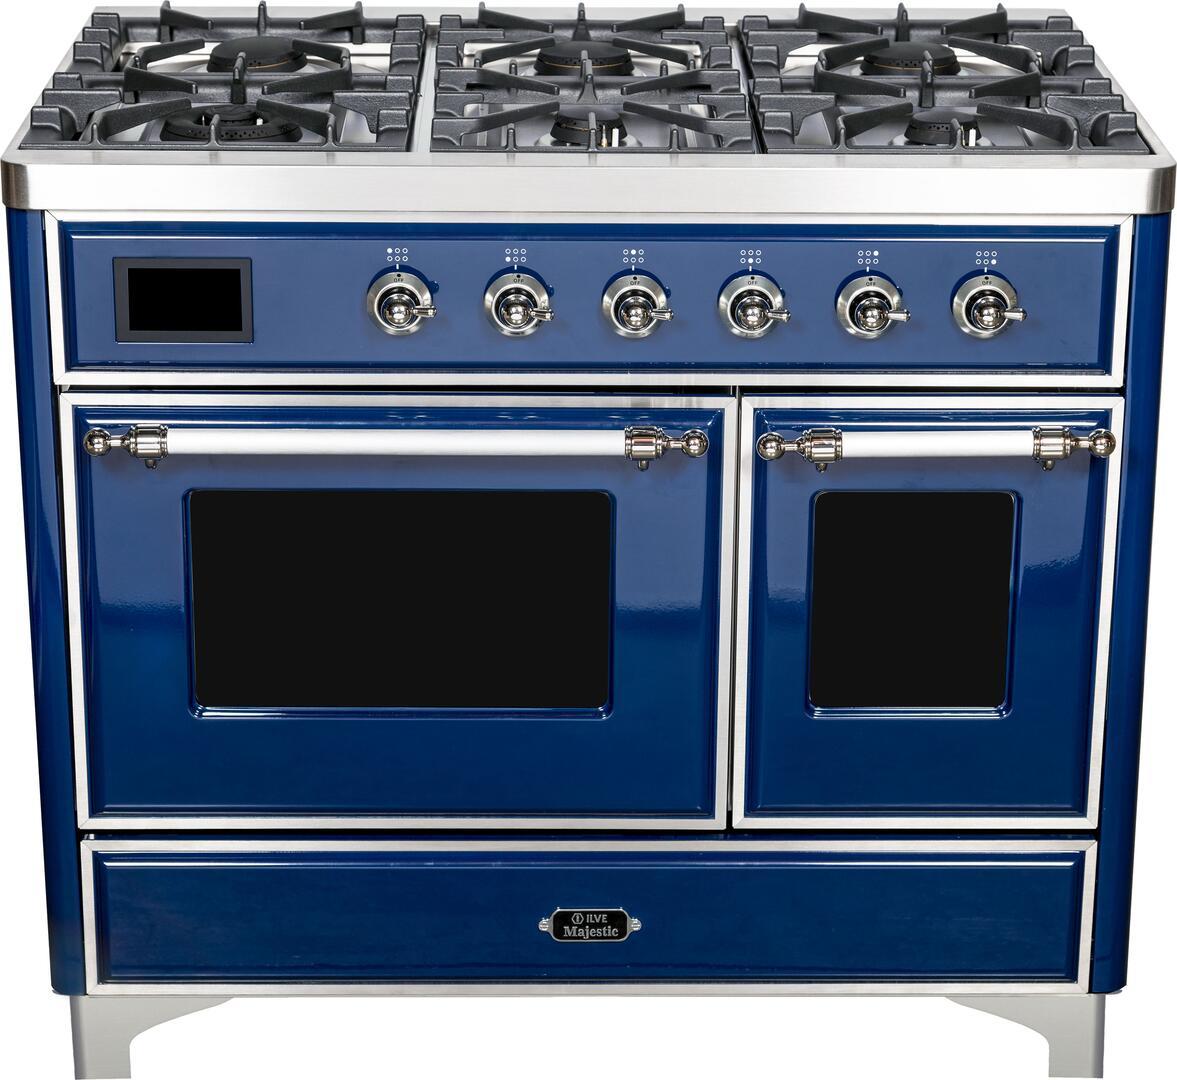 Ilve Majestic II UMD10FDNS3MBC Freestanding Dual Fuel Range Blue, UMD10FDNS3MBC Majestic II Dual Fuel Range